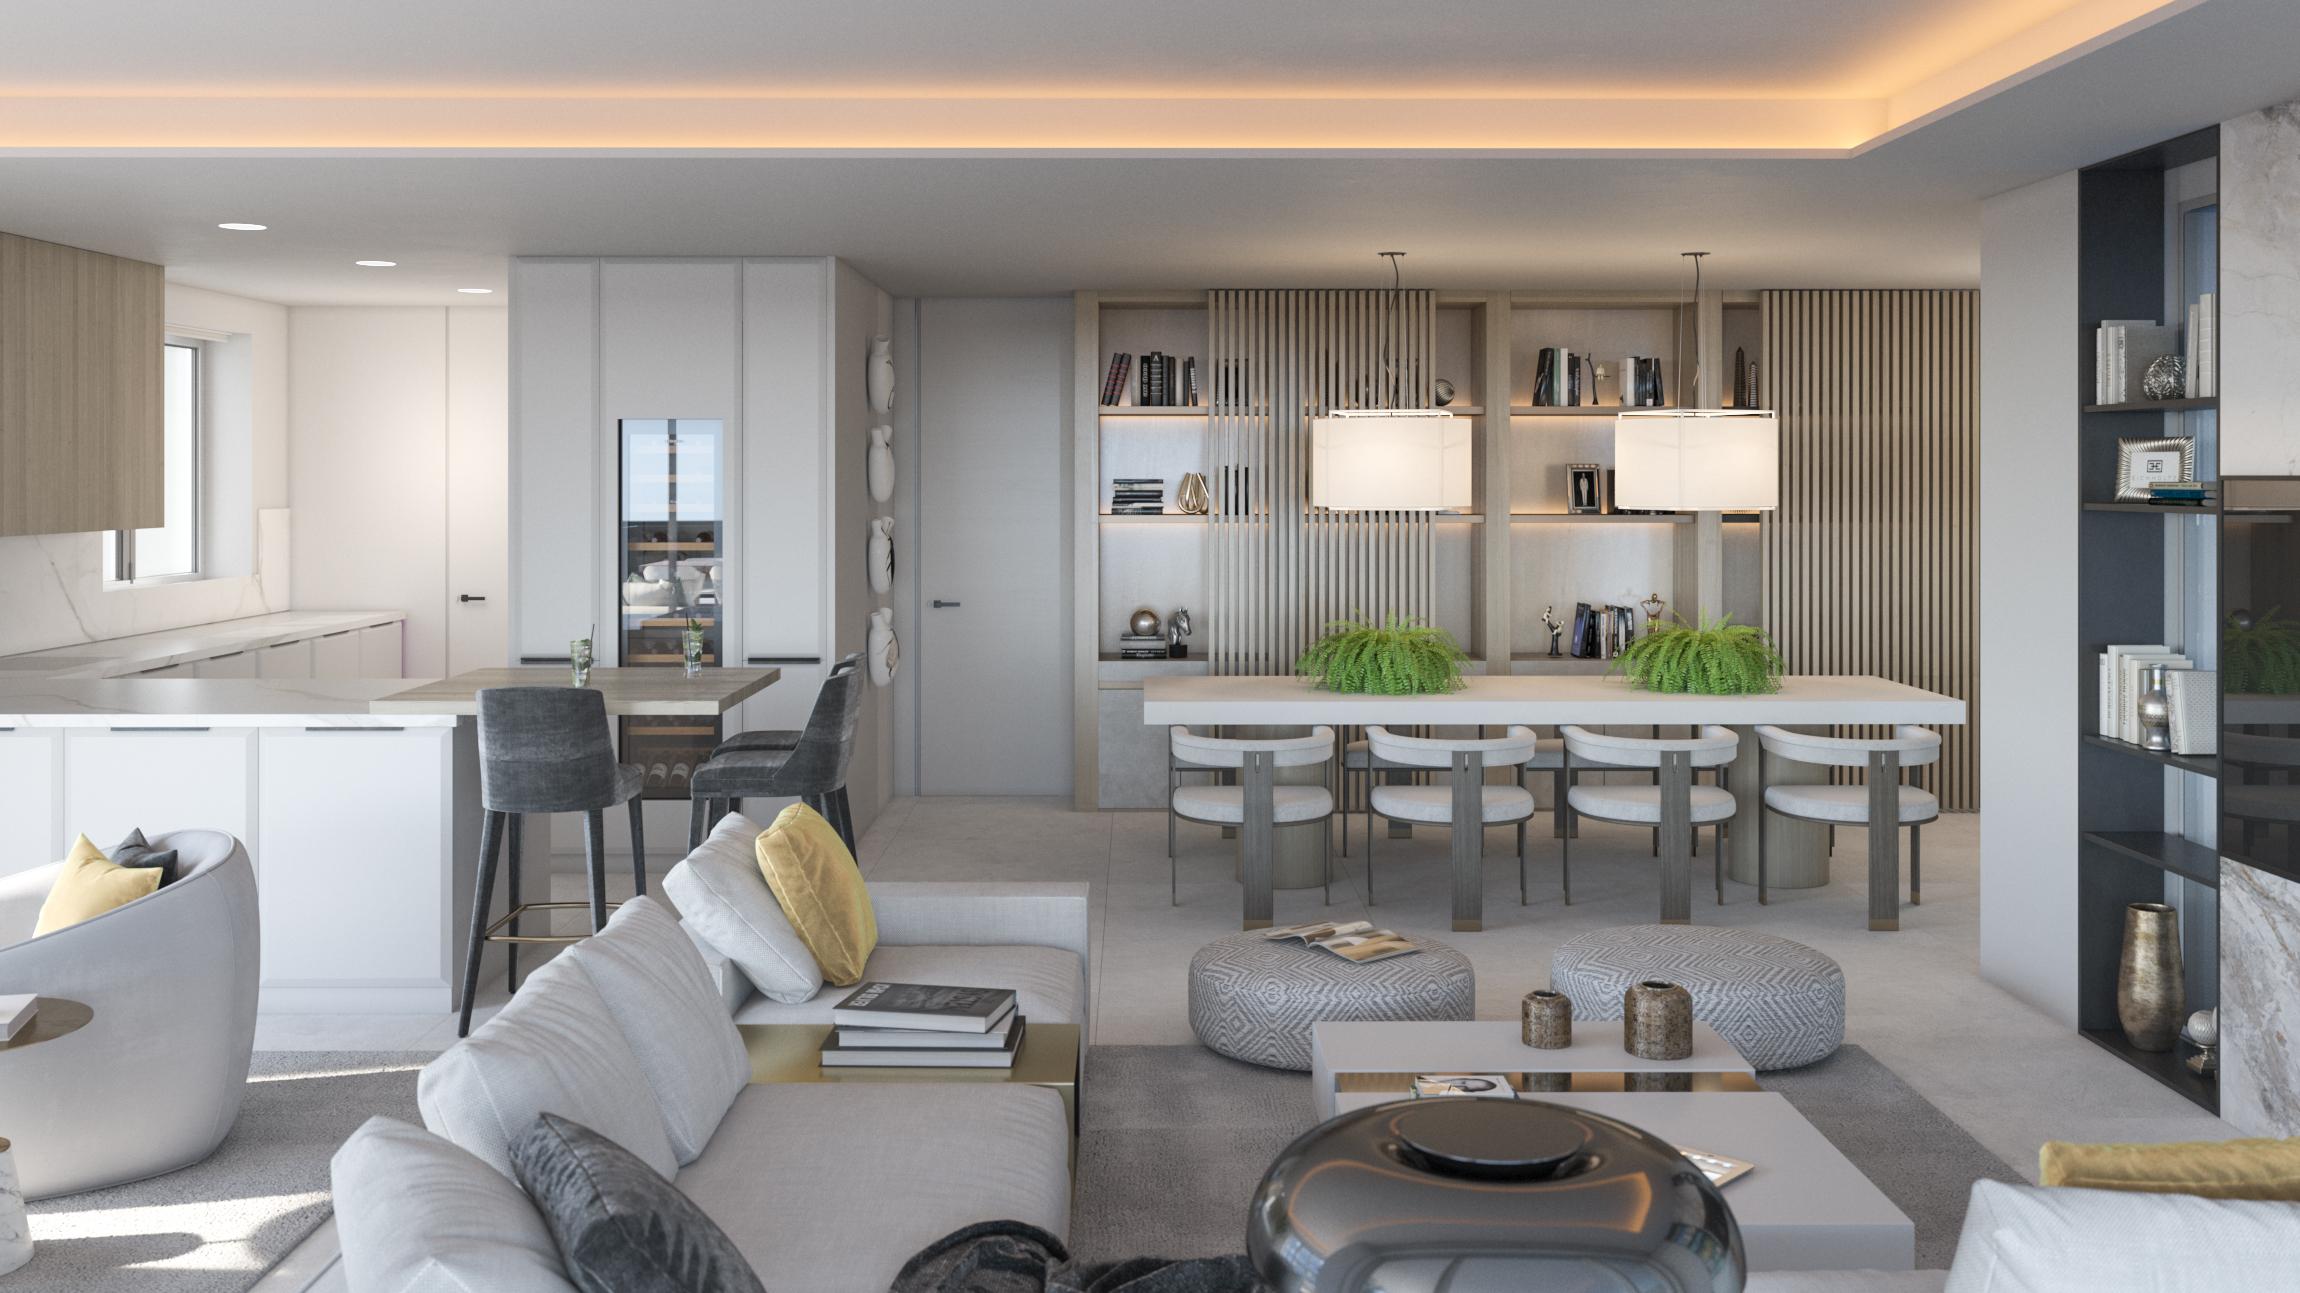 Cocina, salón y comedor en un espacio